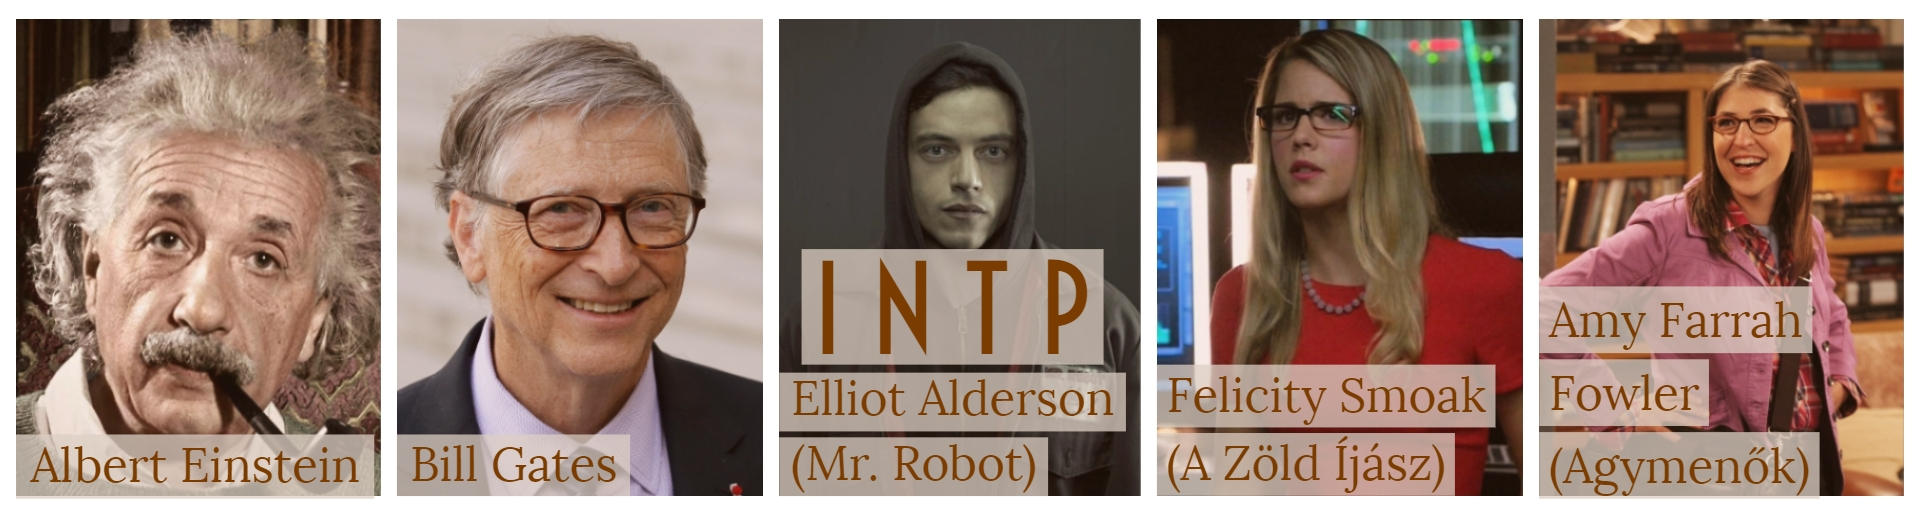 INTP, a Mérnök